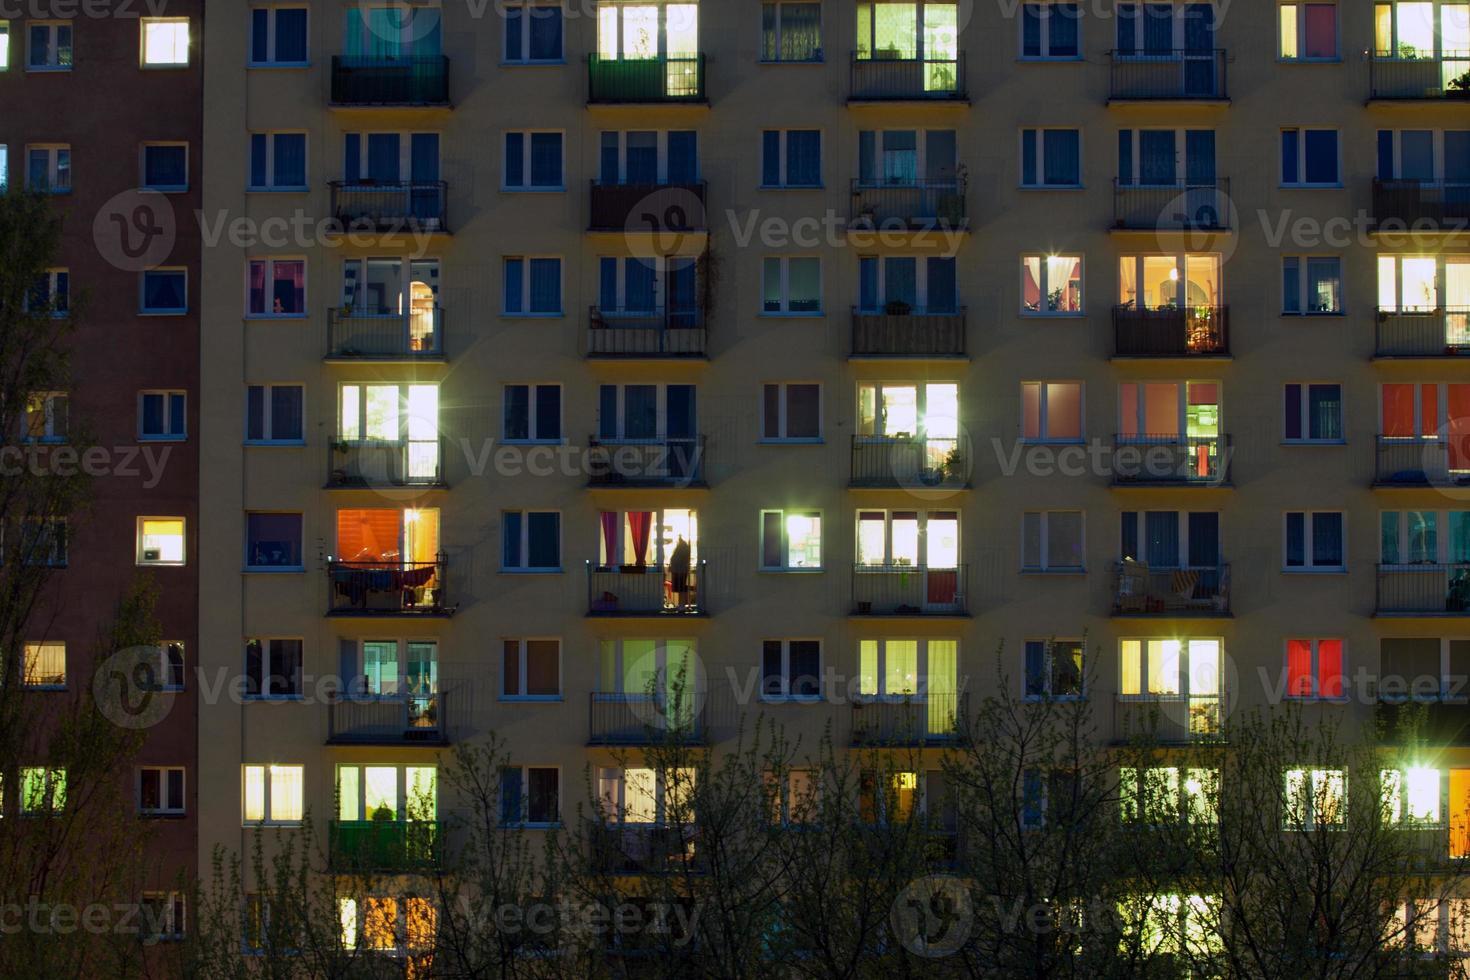 Fenster eines Wohnblocks in der Nacht foto